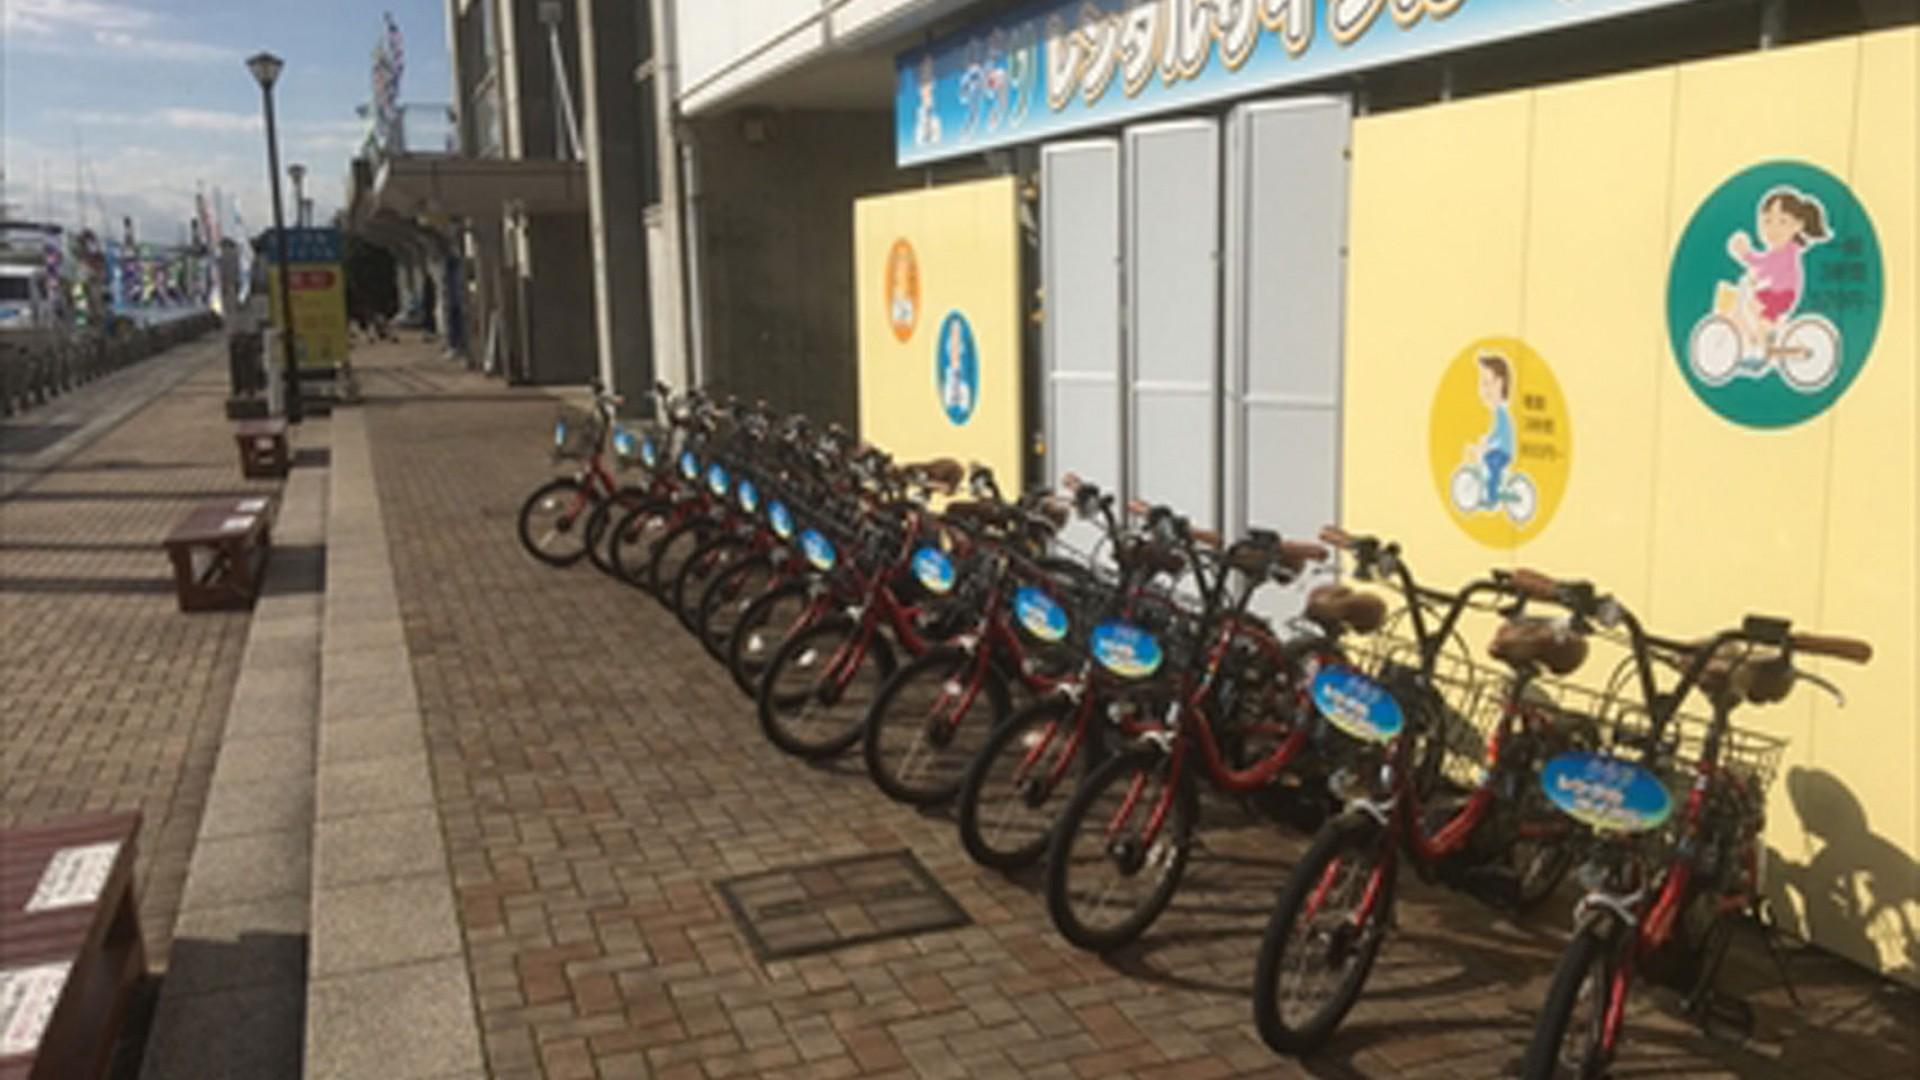 มิอุระ ไซเคิลลิ่ง (เช่าจักรยานในมิอุระ)